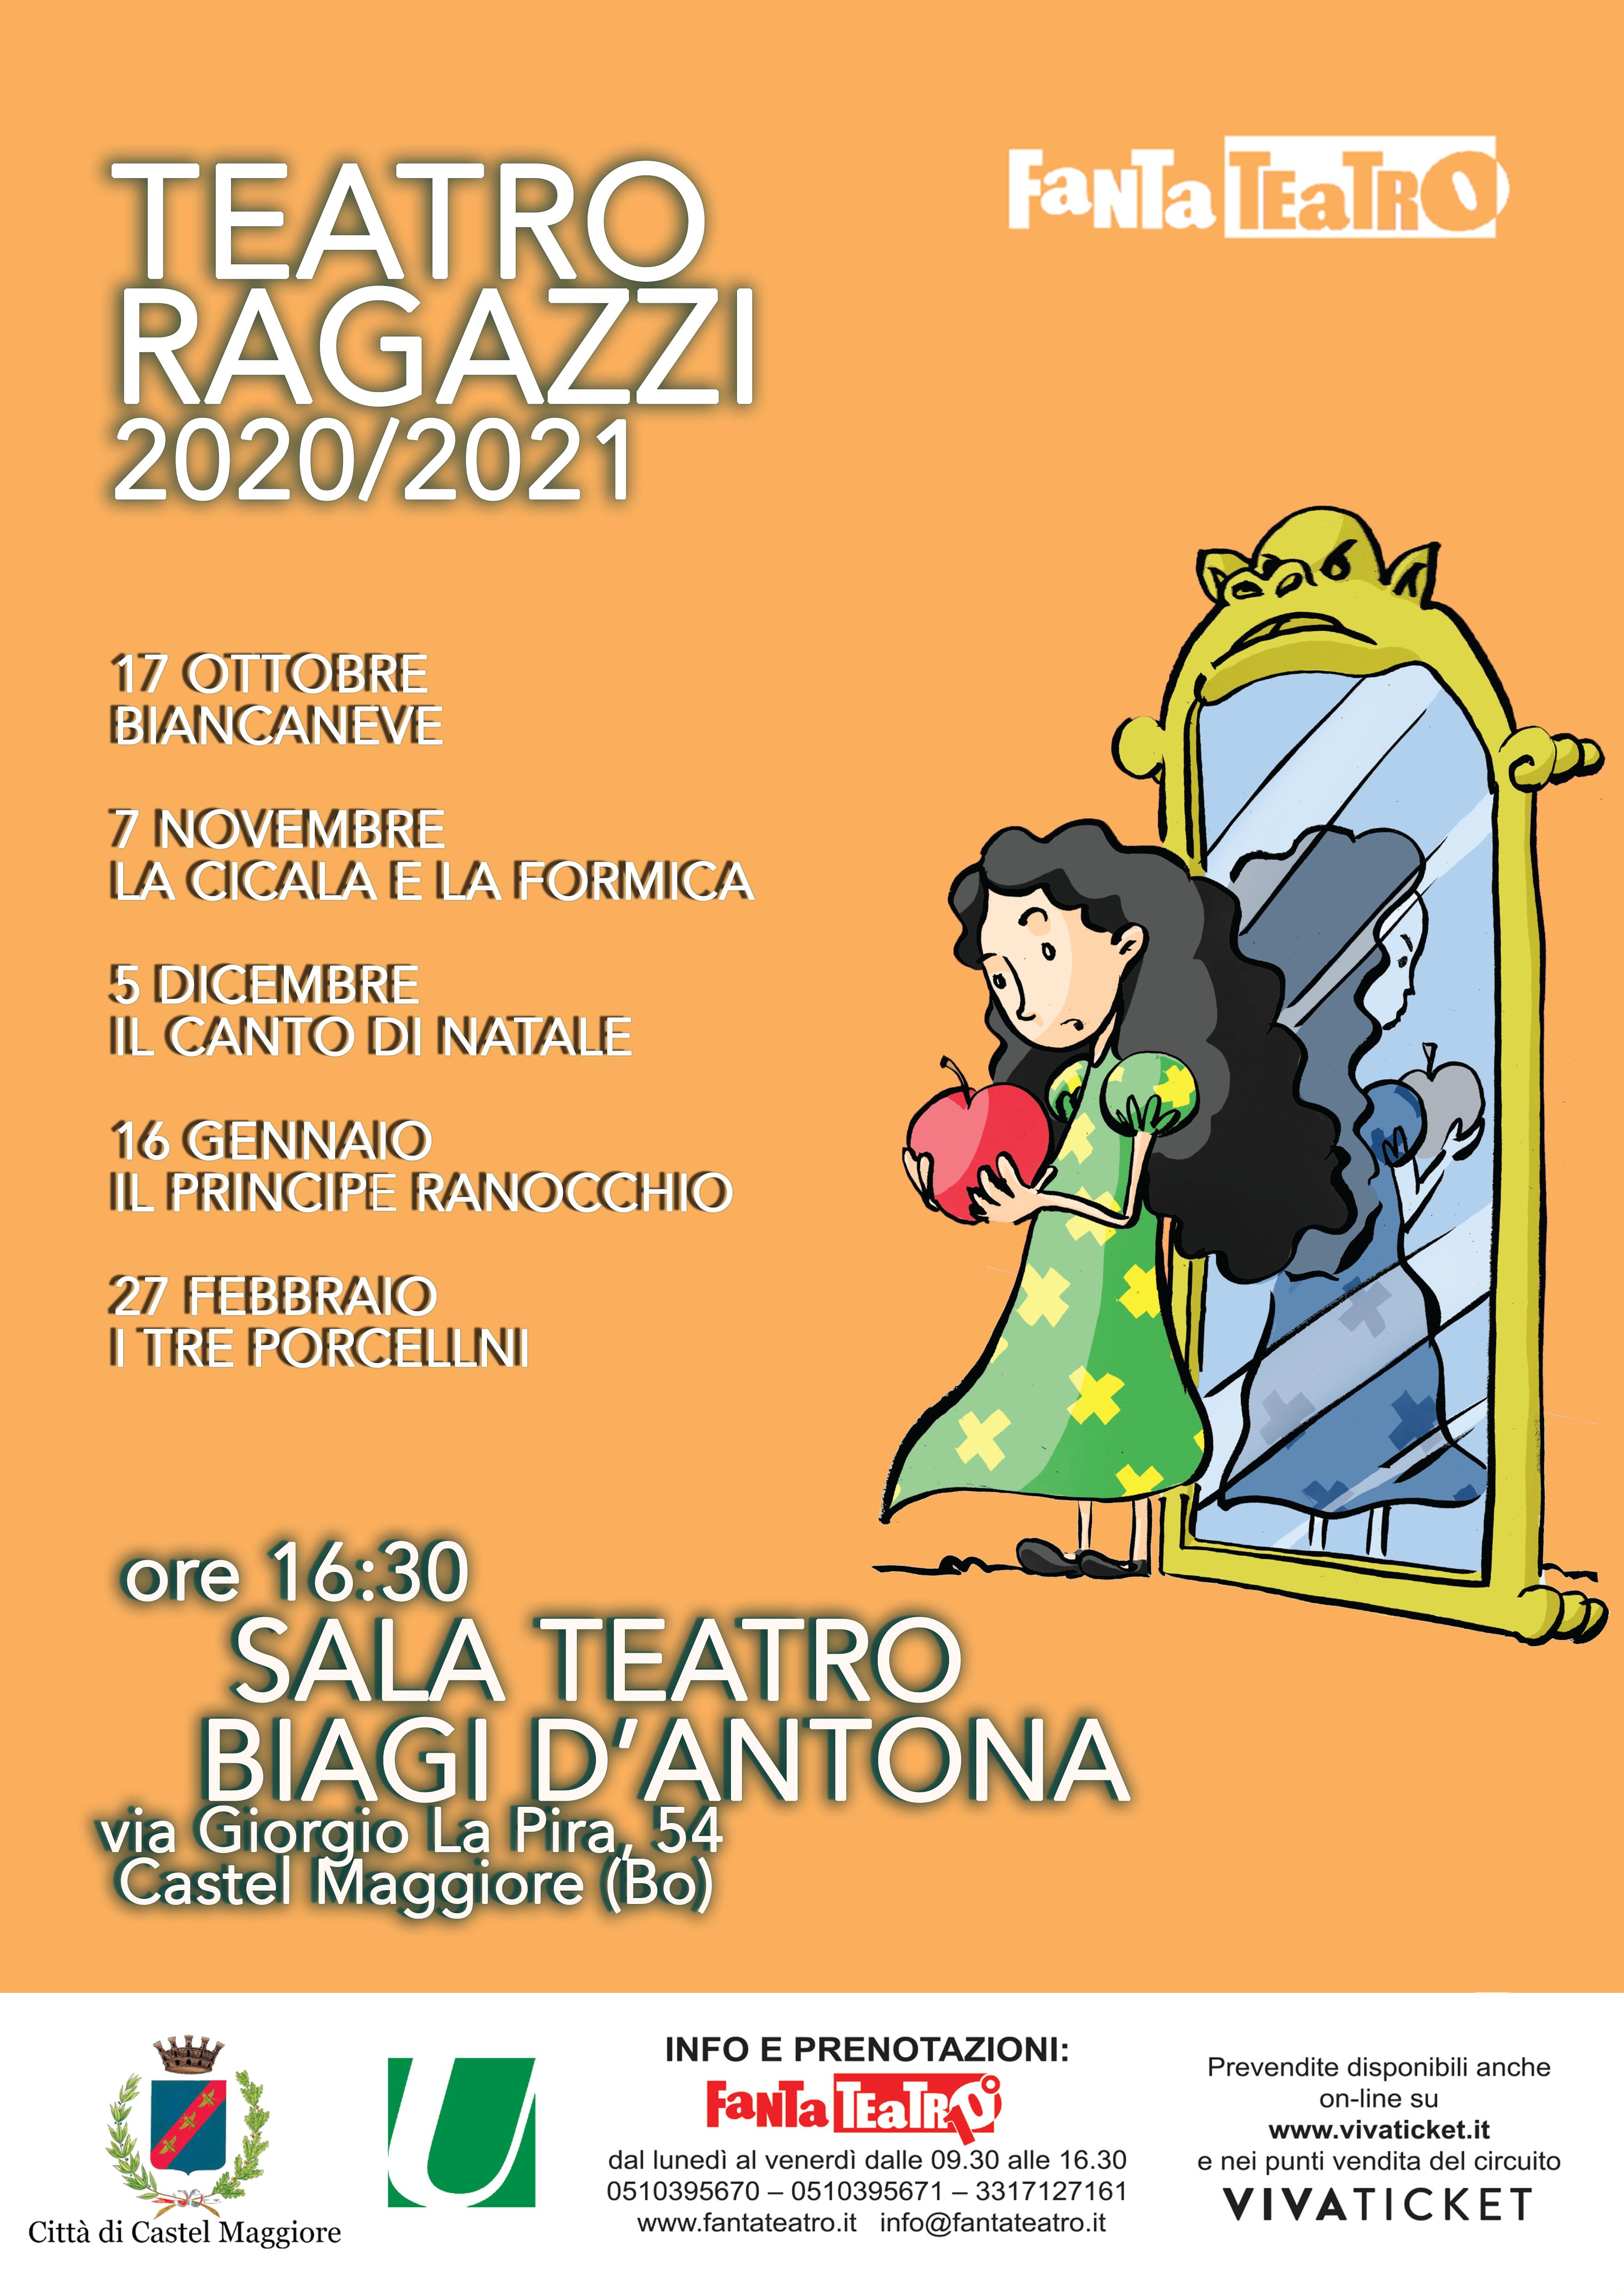 Calendario Biancaneve 2021 17/10/2020, 07/11/2020, 16/01/2021, 27/02/2021 Castel Maggiore